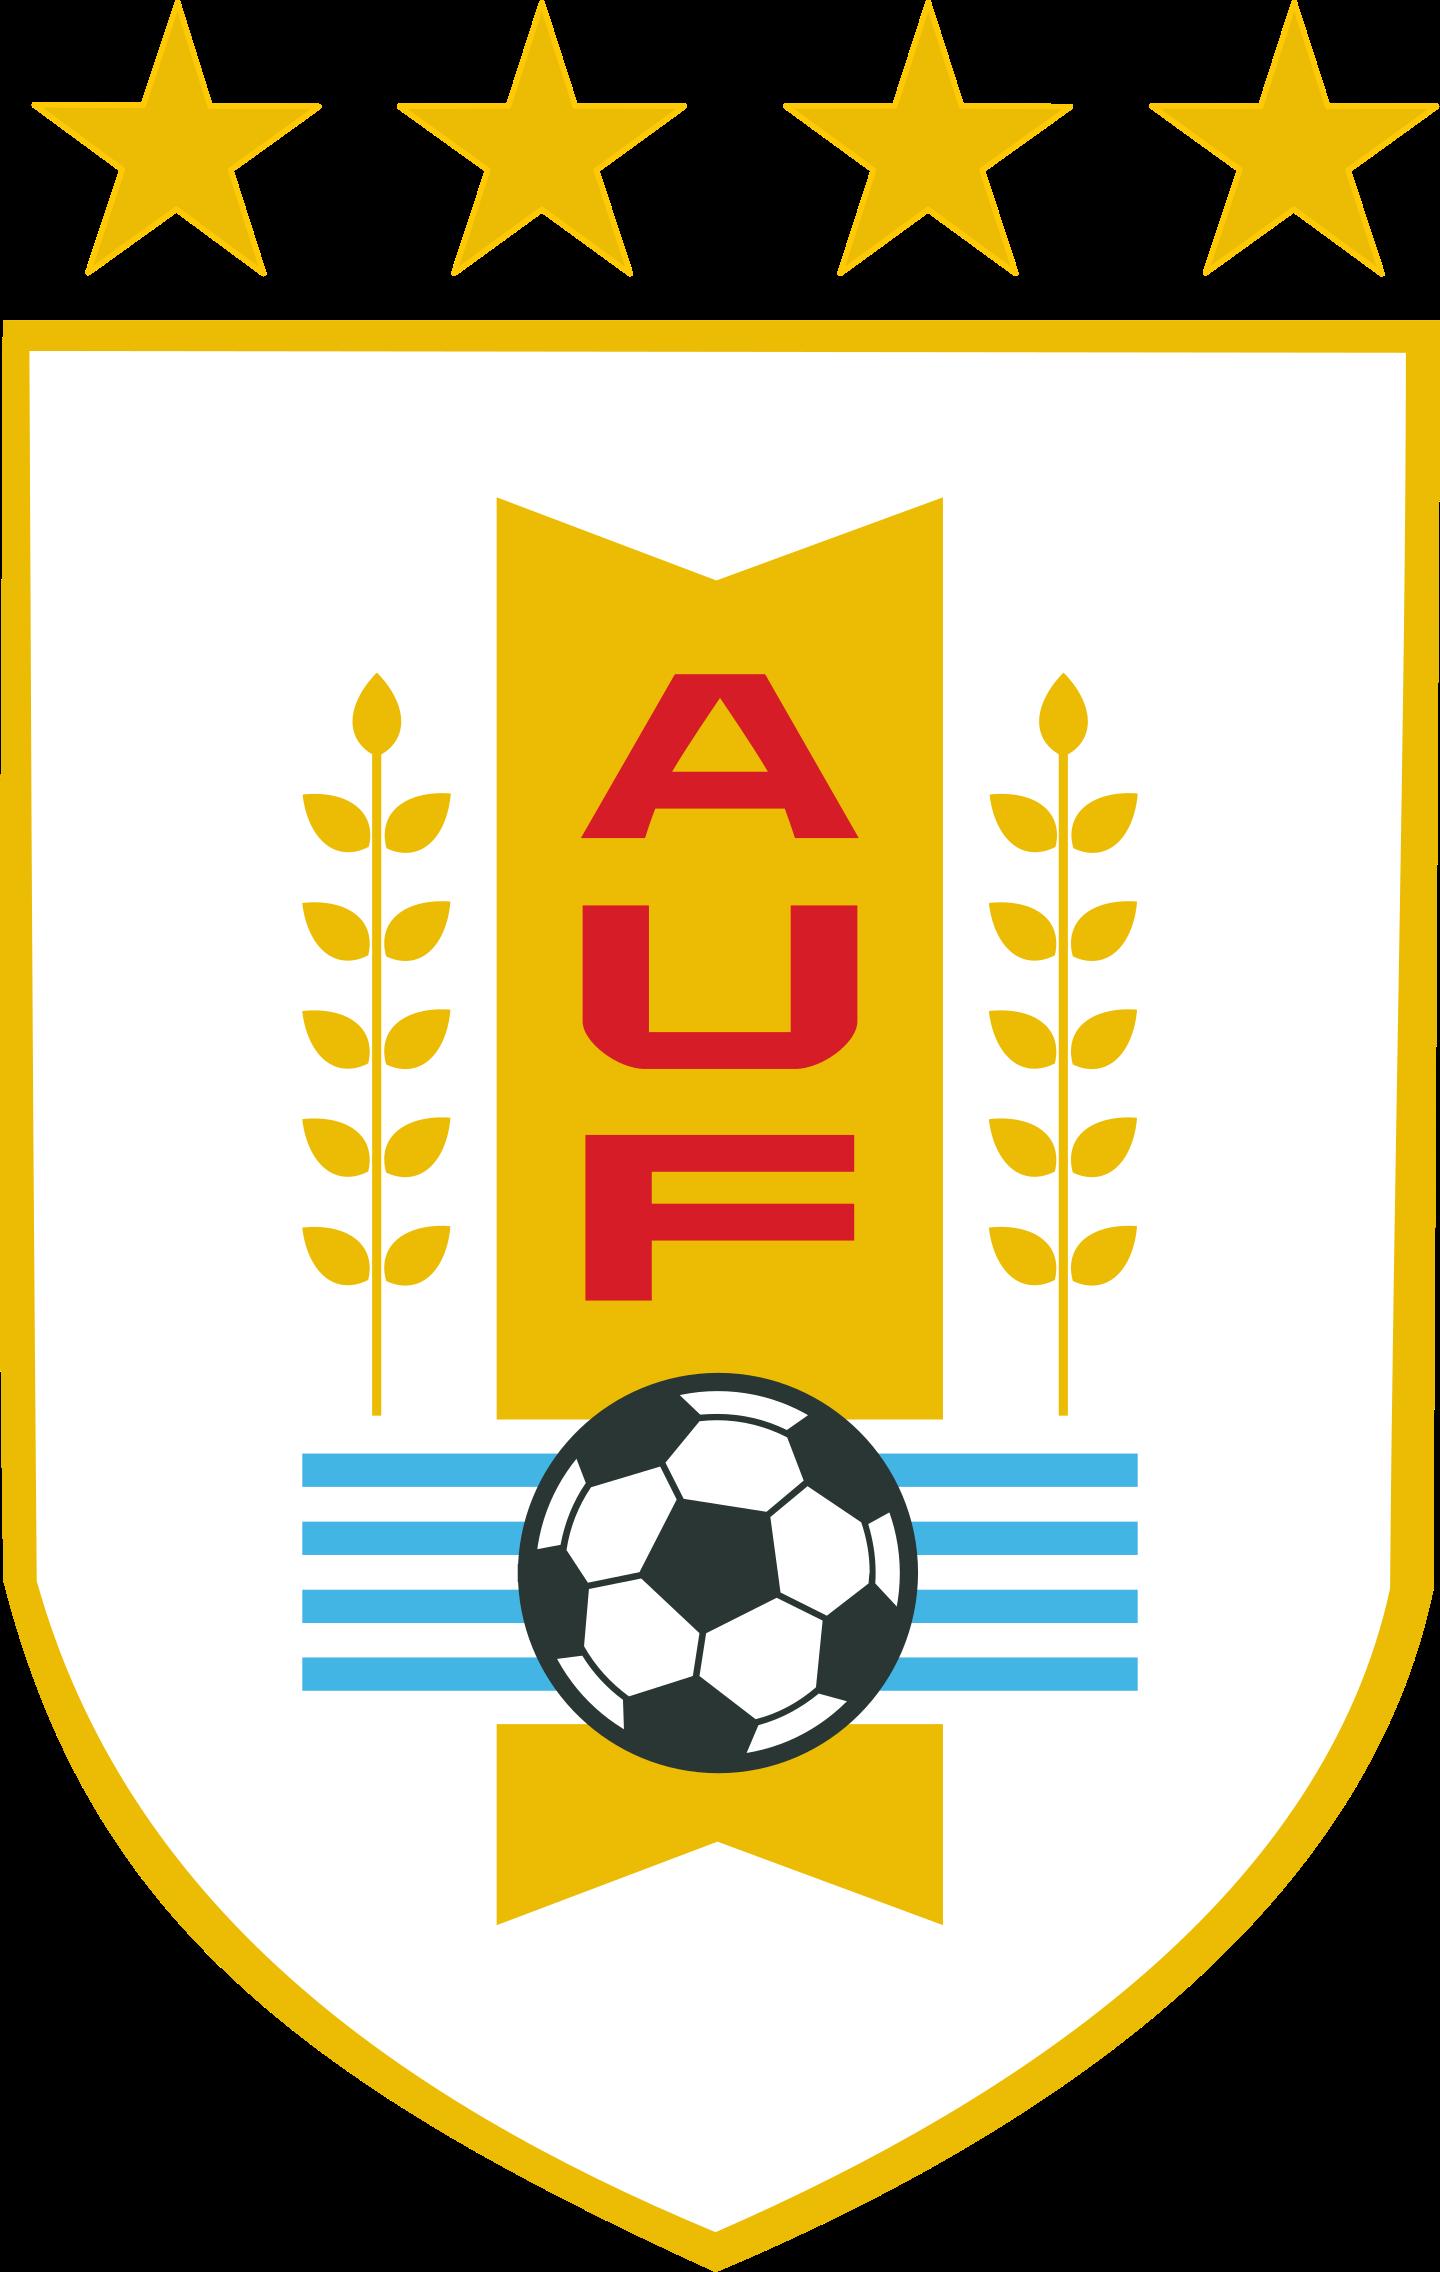 auf seleccion de futbol de uruguay logo 3 - AUF Logo - Selección de fútbol de Uruguay Logo